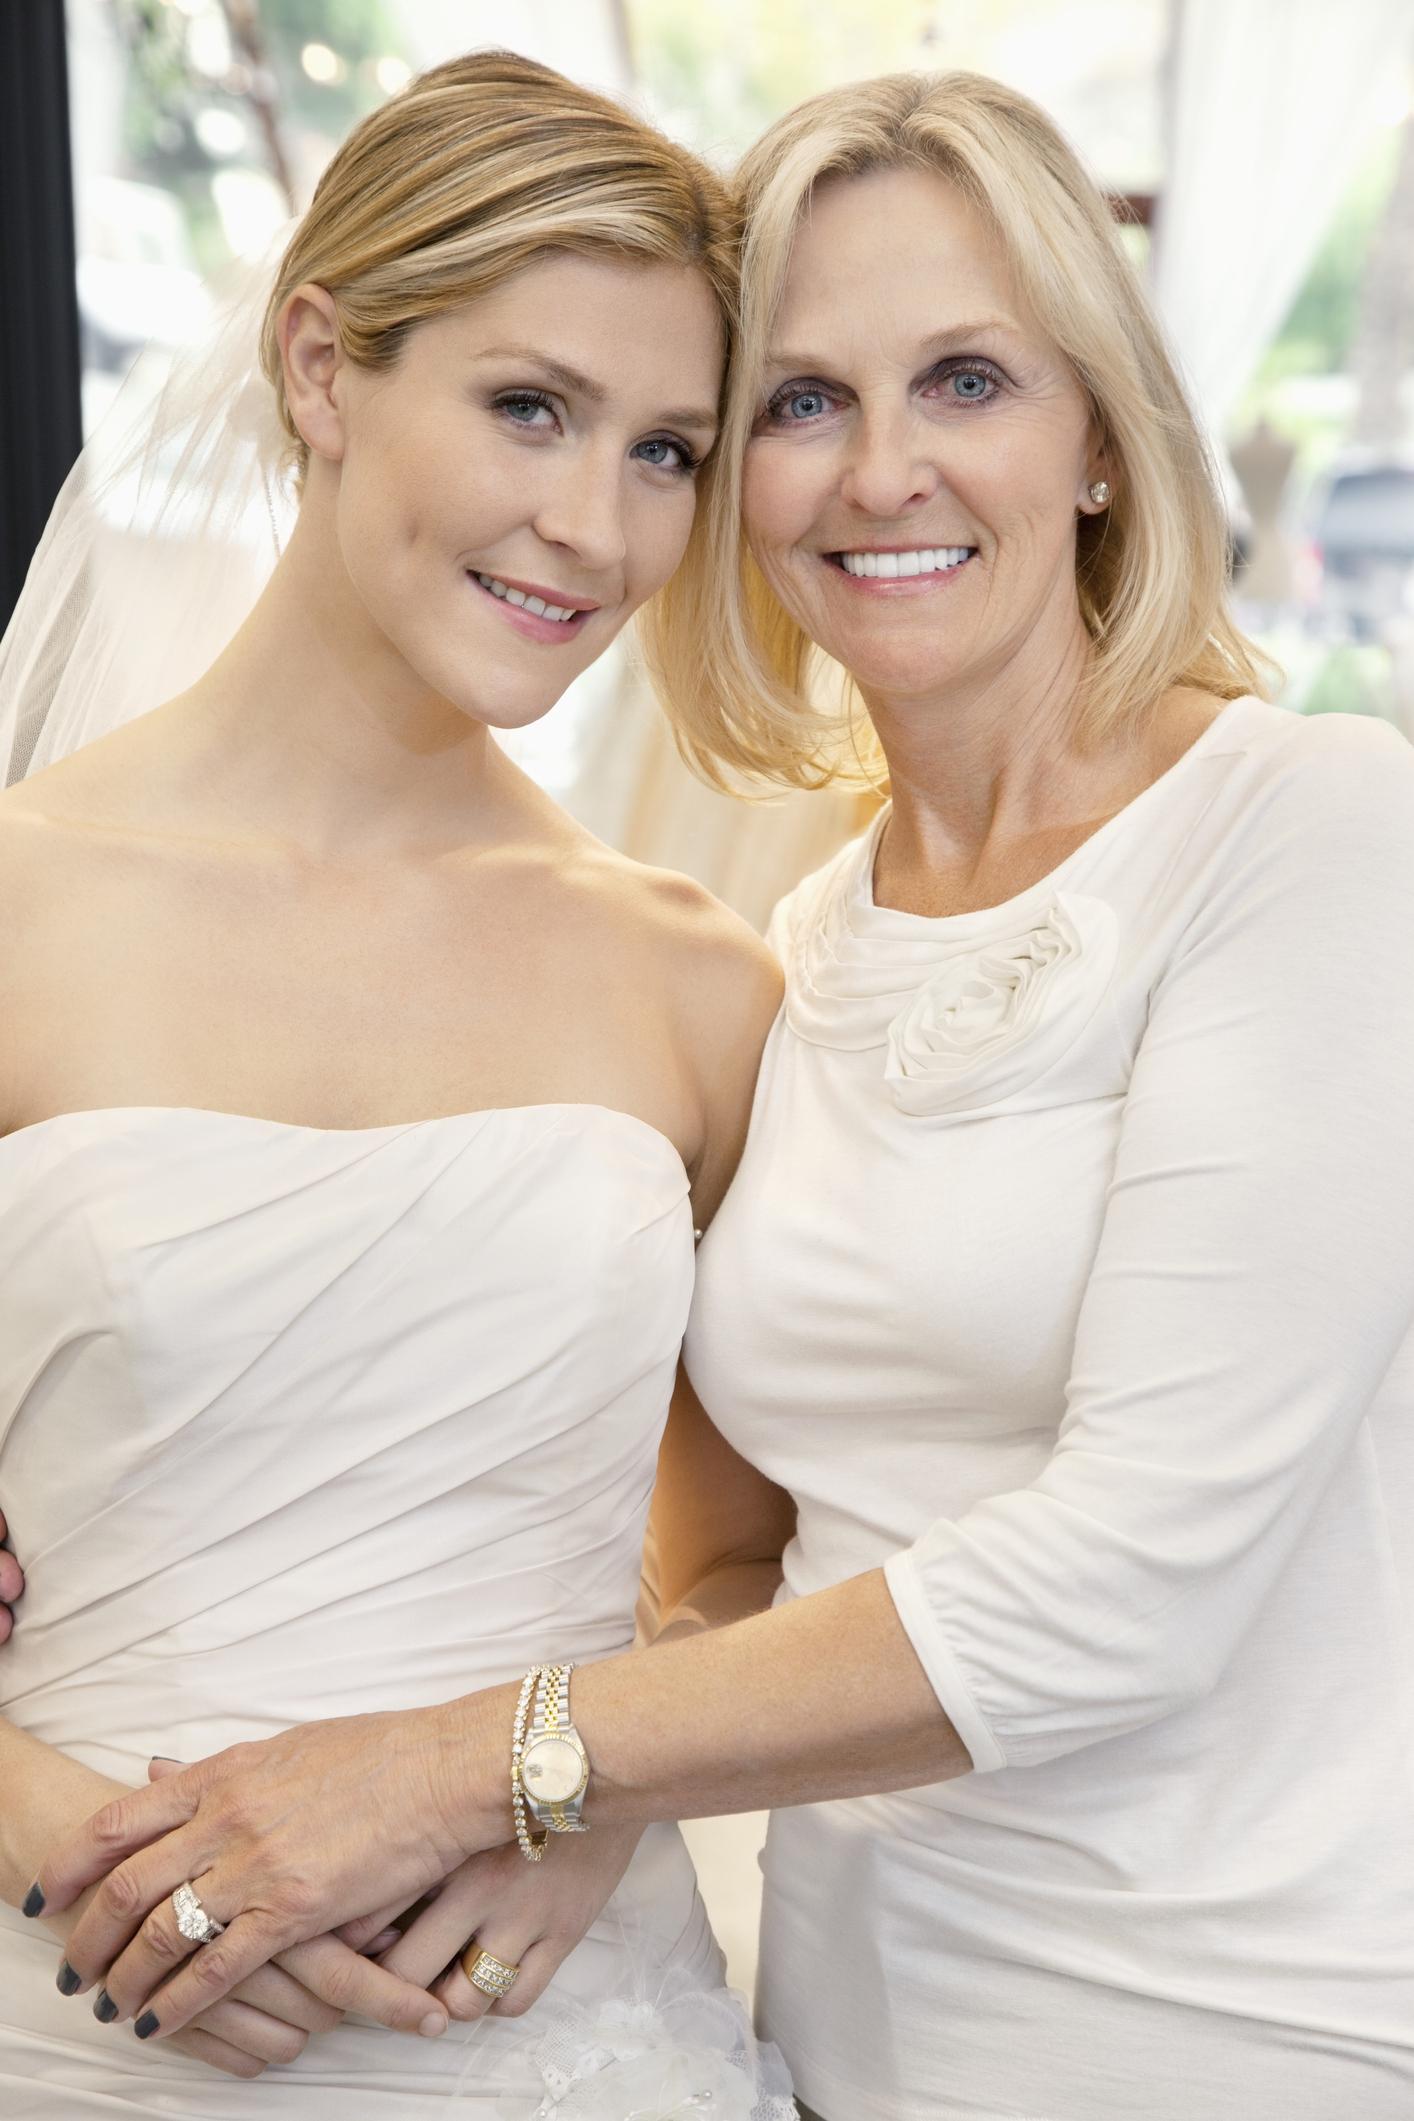 Подготовка к свадьбе: 7 типичных ошибок невест